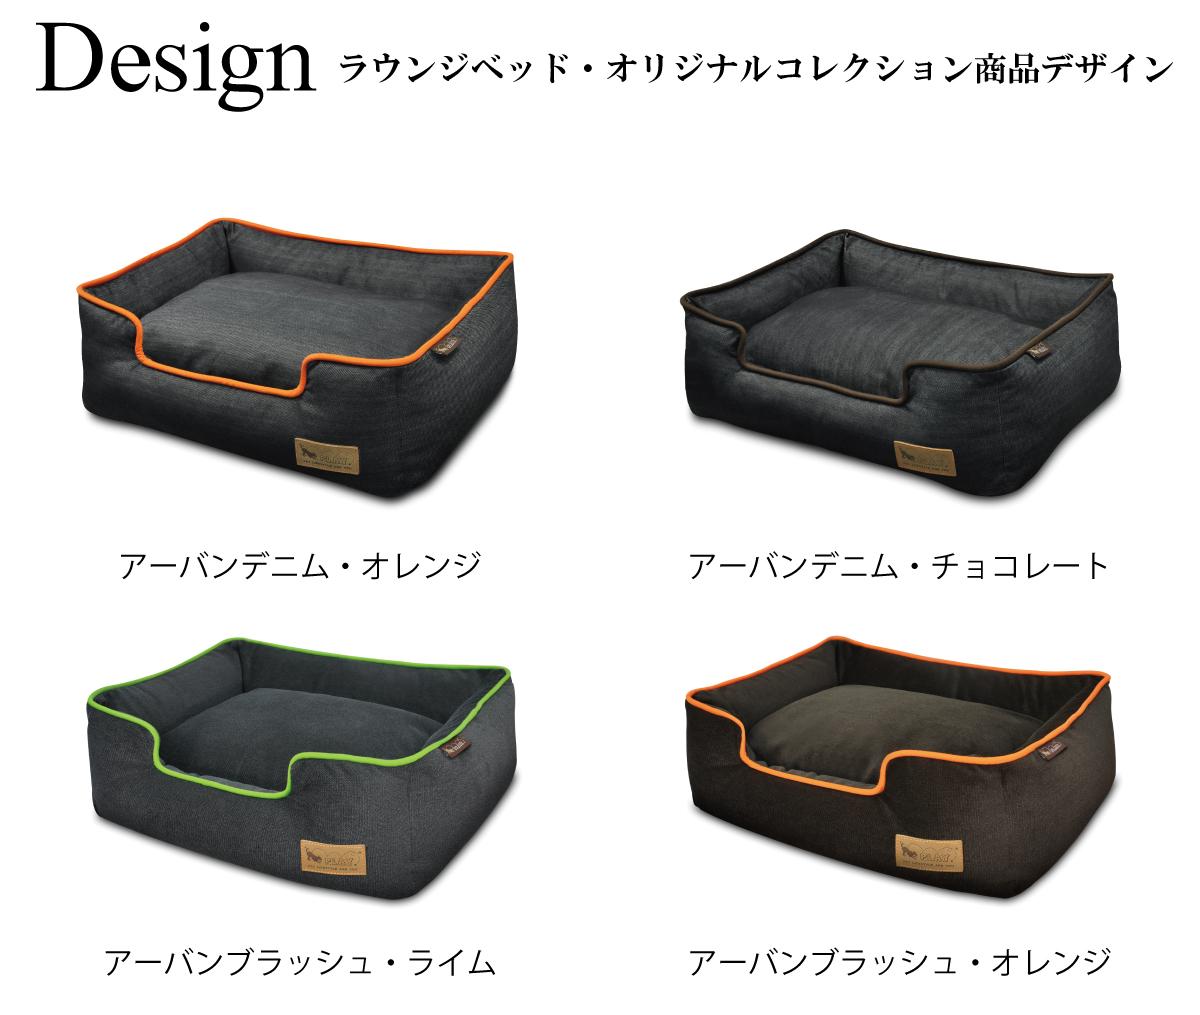 ラウンジベッドのデザイン種類